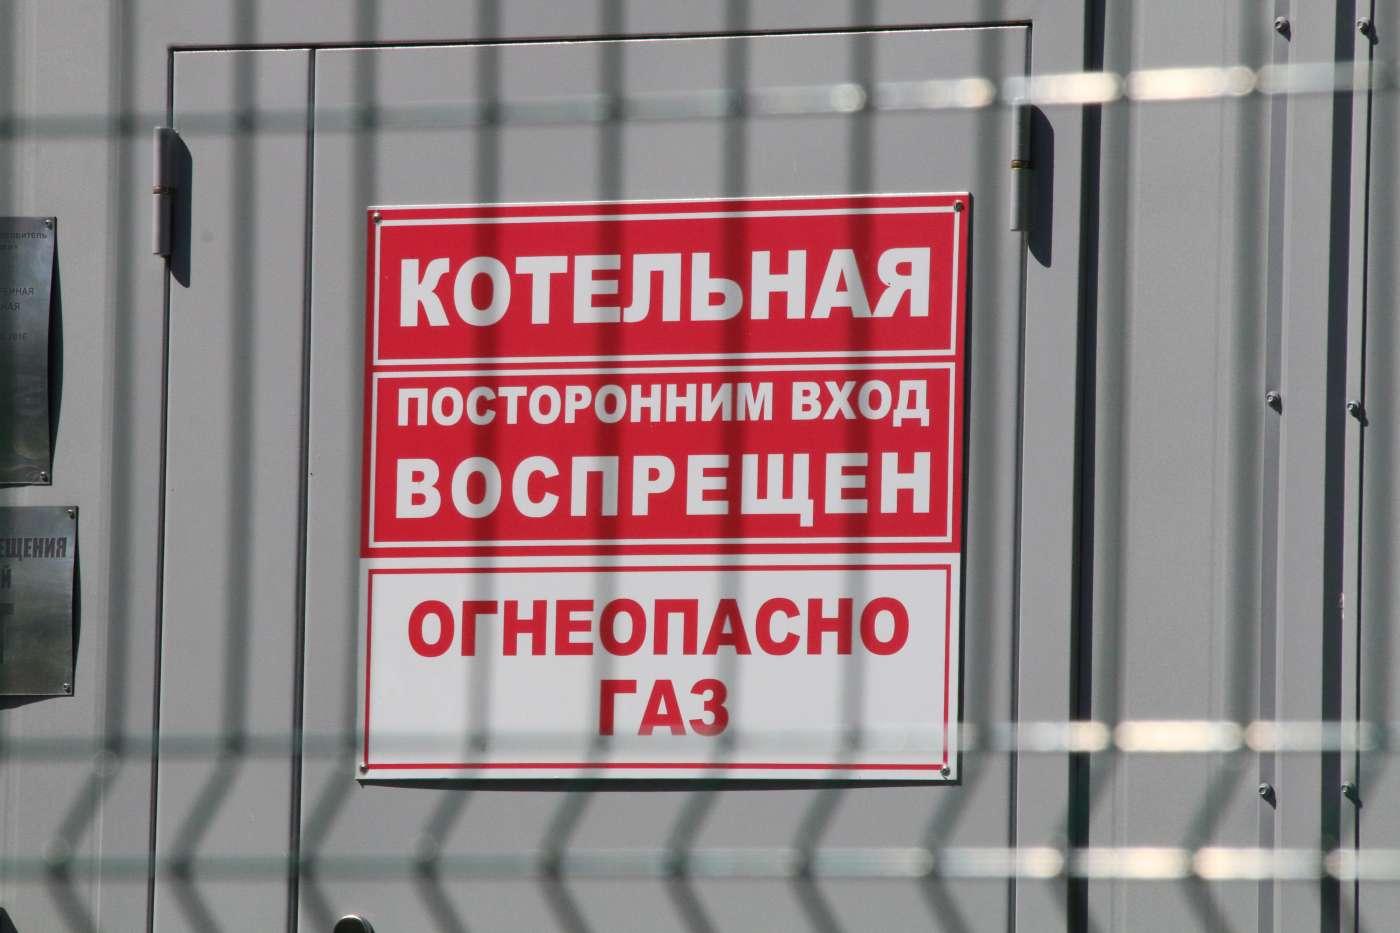 В отношении котовского поставщика тепла «Компьюлинк Инфраструктура ТО» подан иск о банкротстве